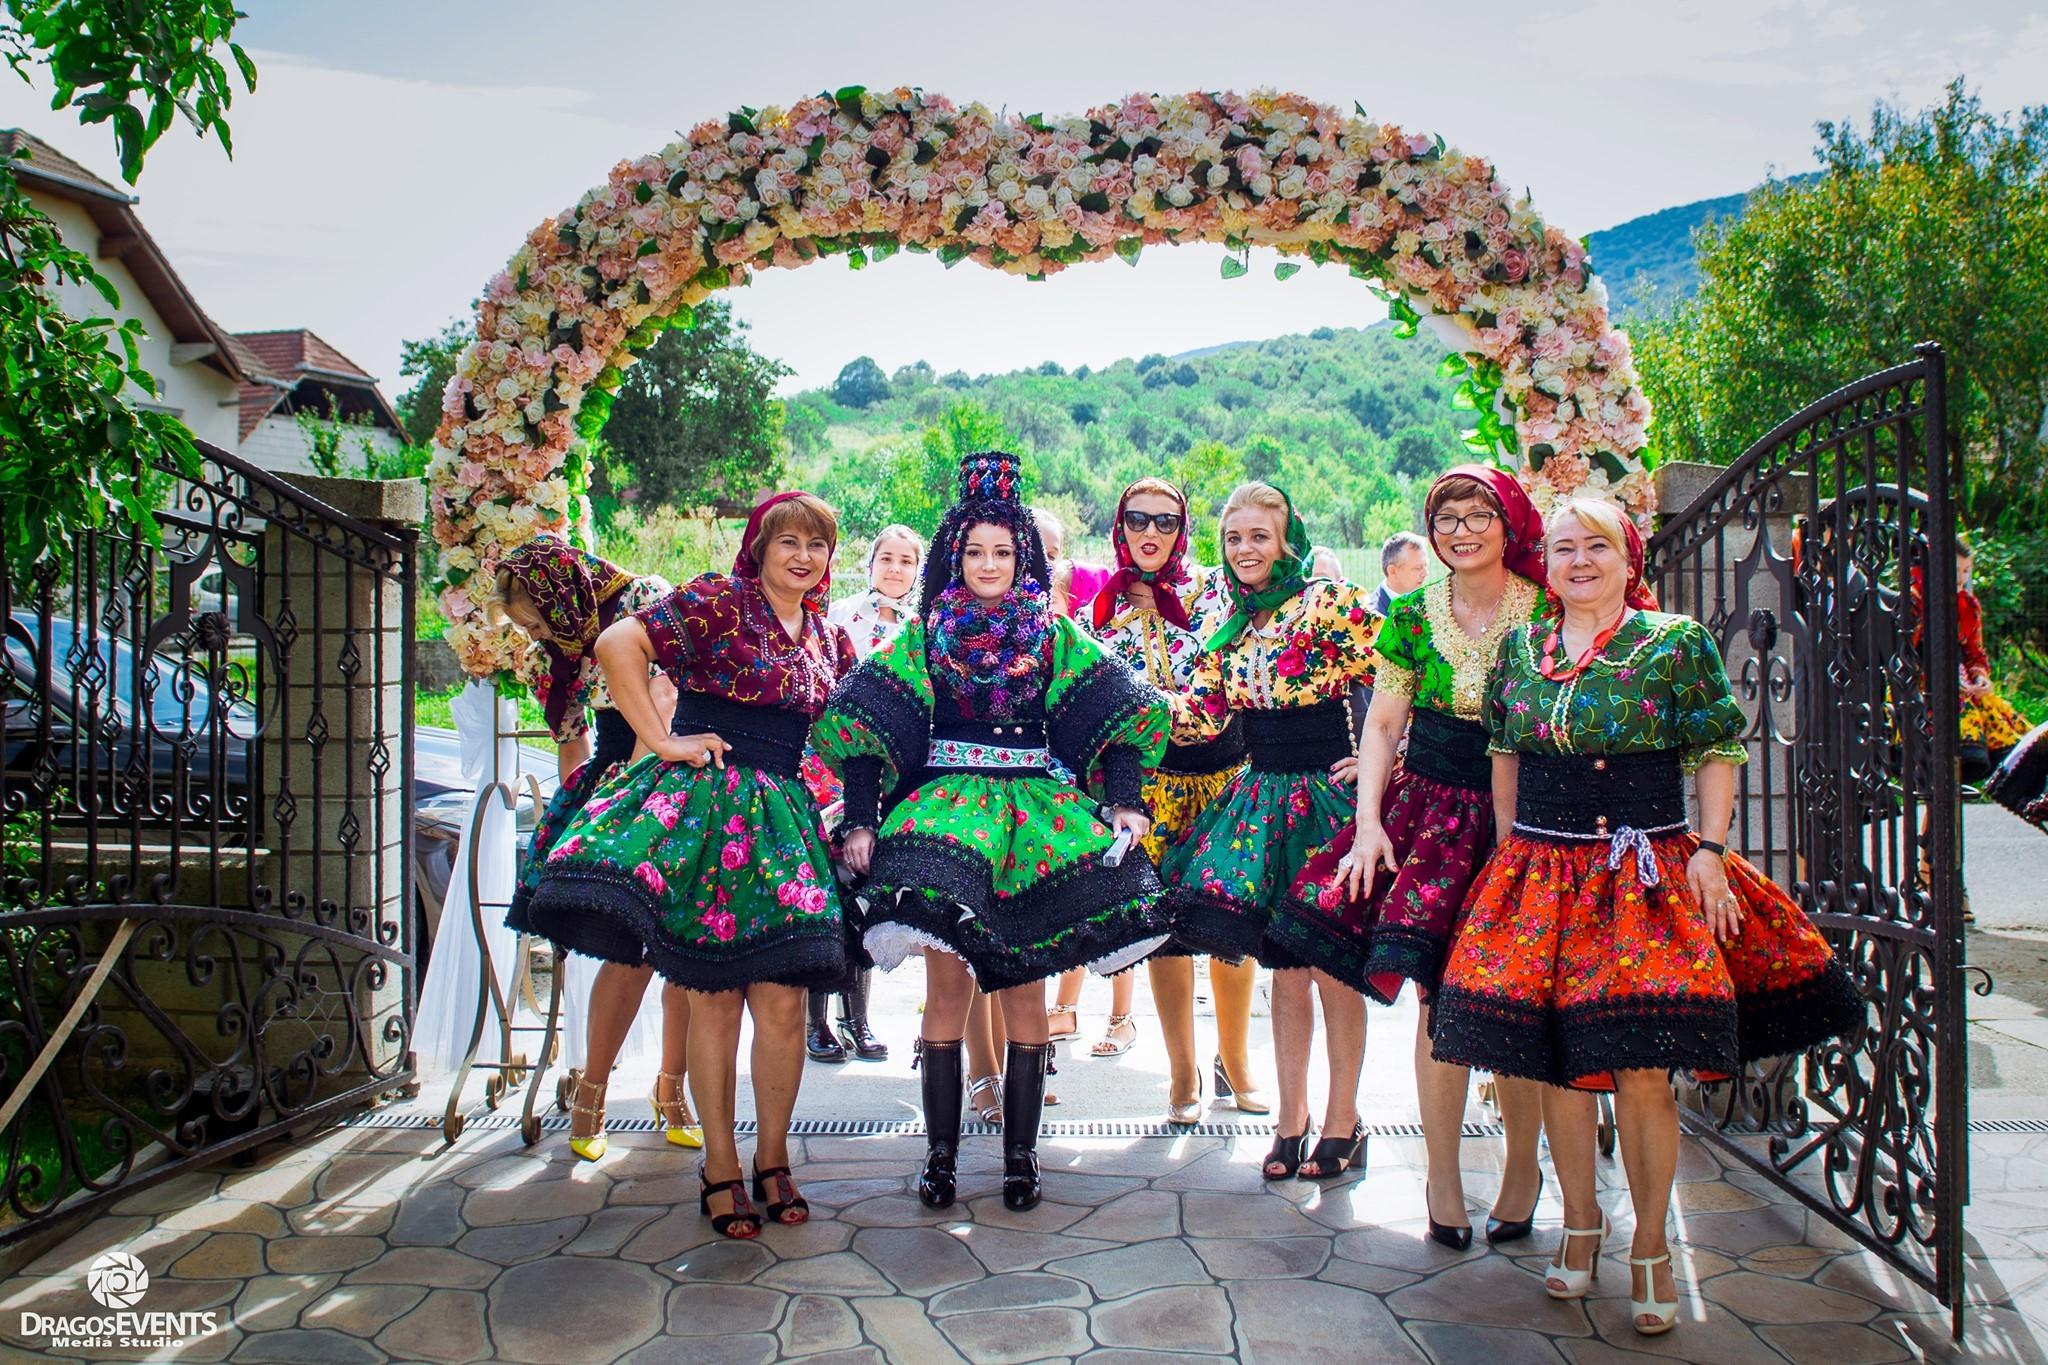 În Ţara Oaşului se desfăşoară în această perioadă un adevărat regal de nunţi. Foto: Dragoş Events